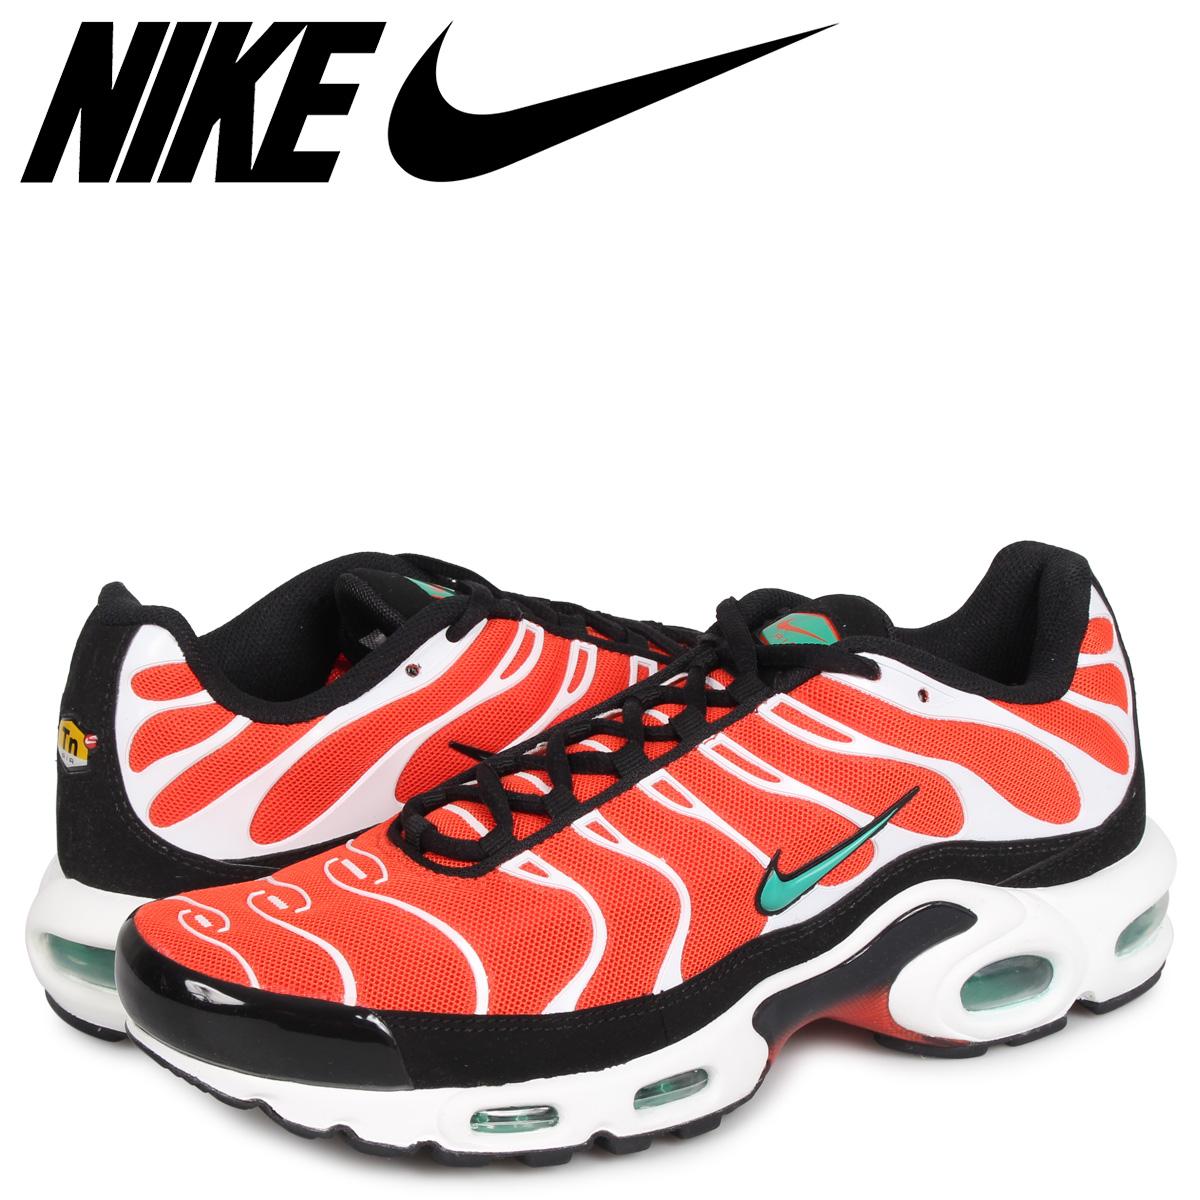 【お買い物マラソンSALE】 NIKE AIR MAX PLUS ナイキ エアマックス プラス スニーカー メンズ オレンジ 852630-801